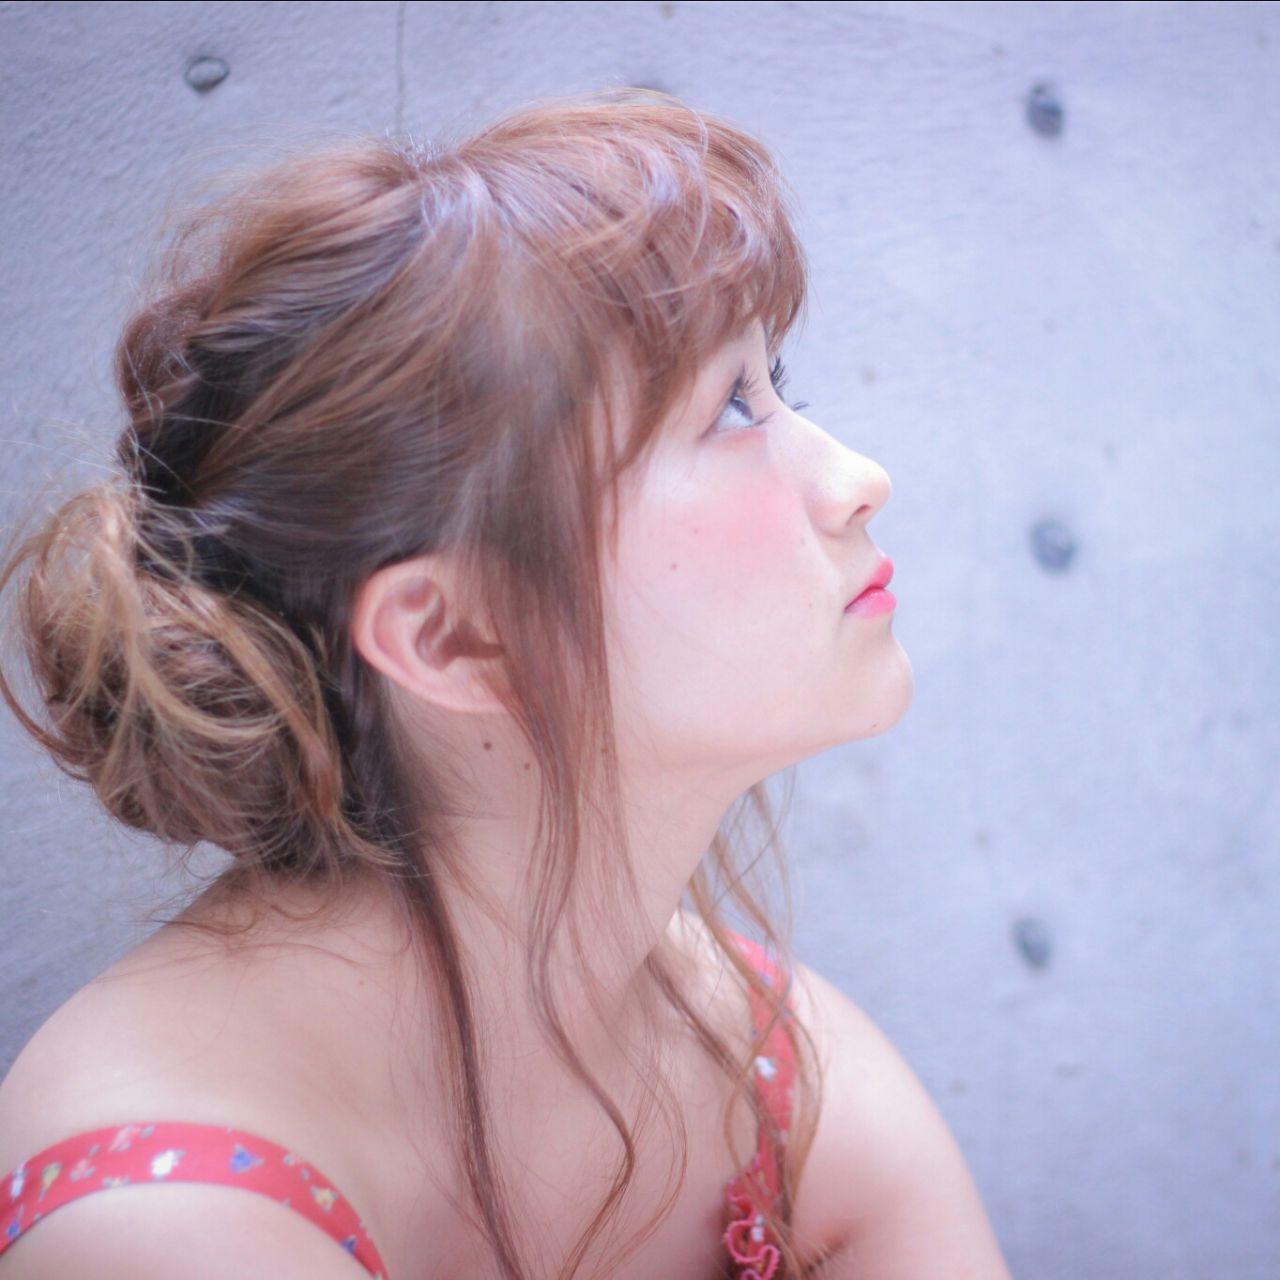 ゆるふわ ヘアアレンジ ナチュラル お団子 ヘアスタイルや髪型の写真・画像